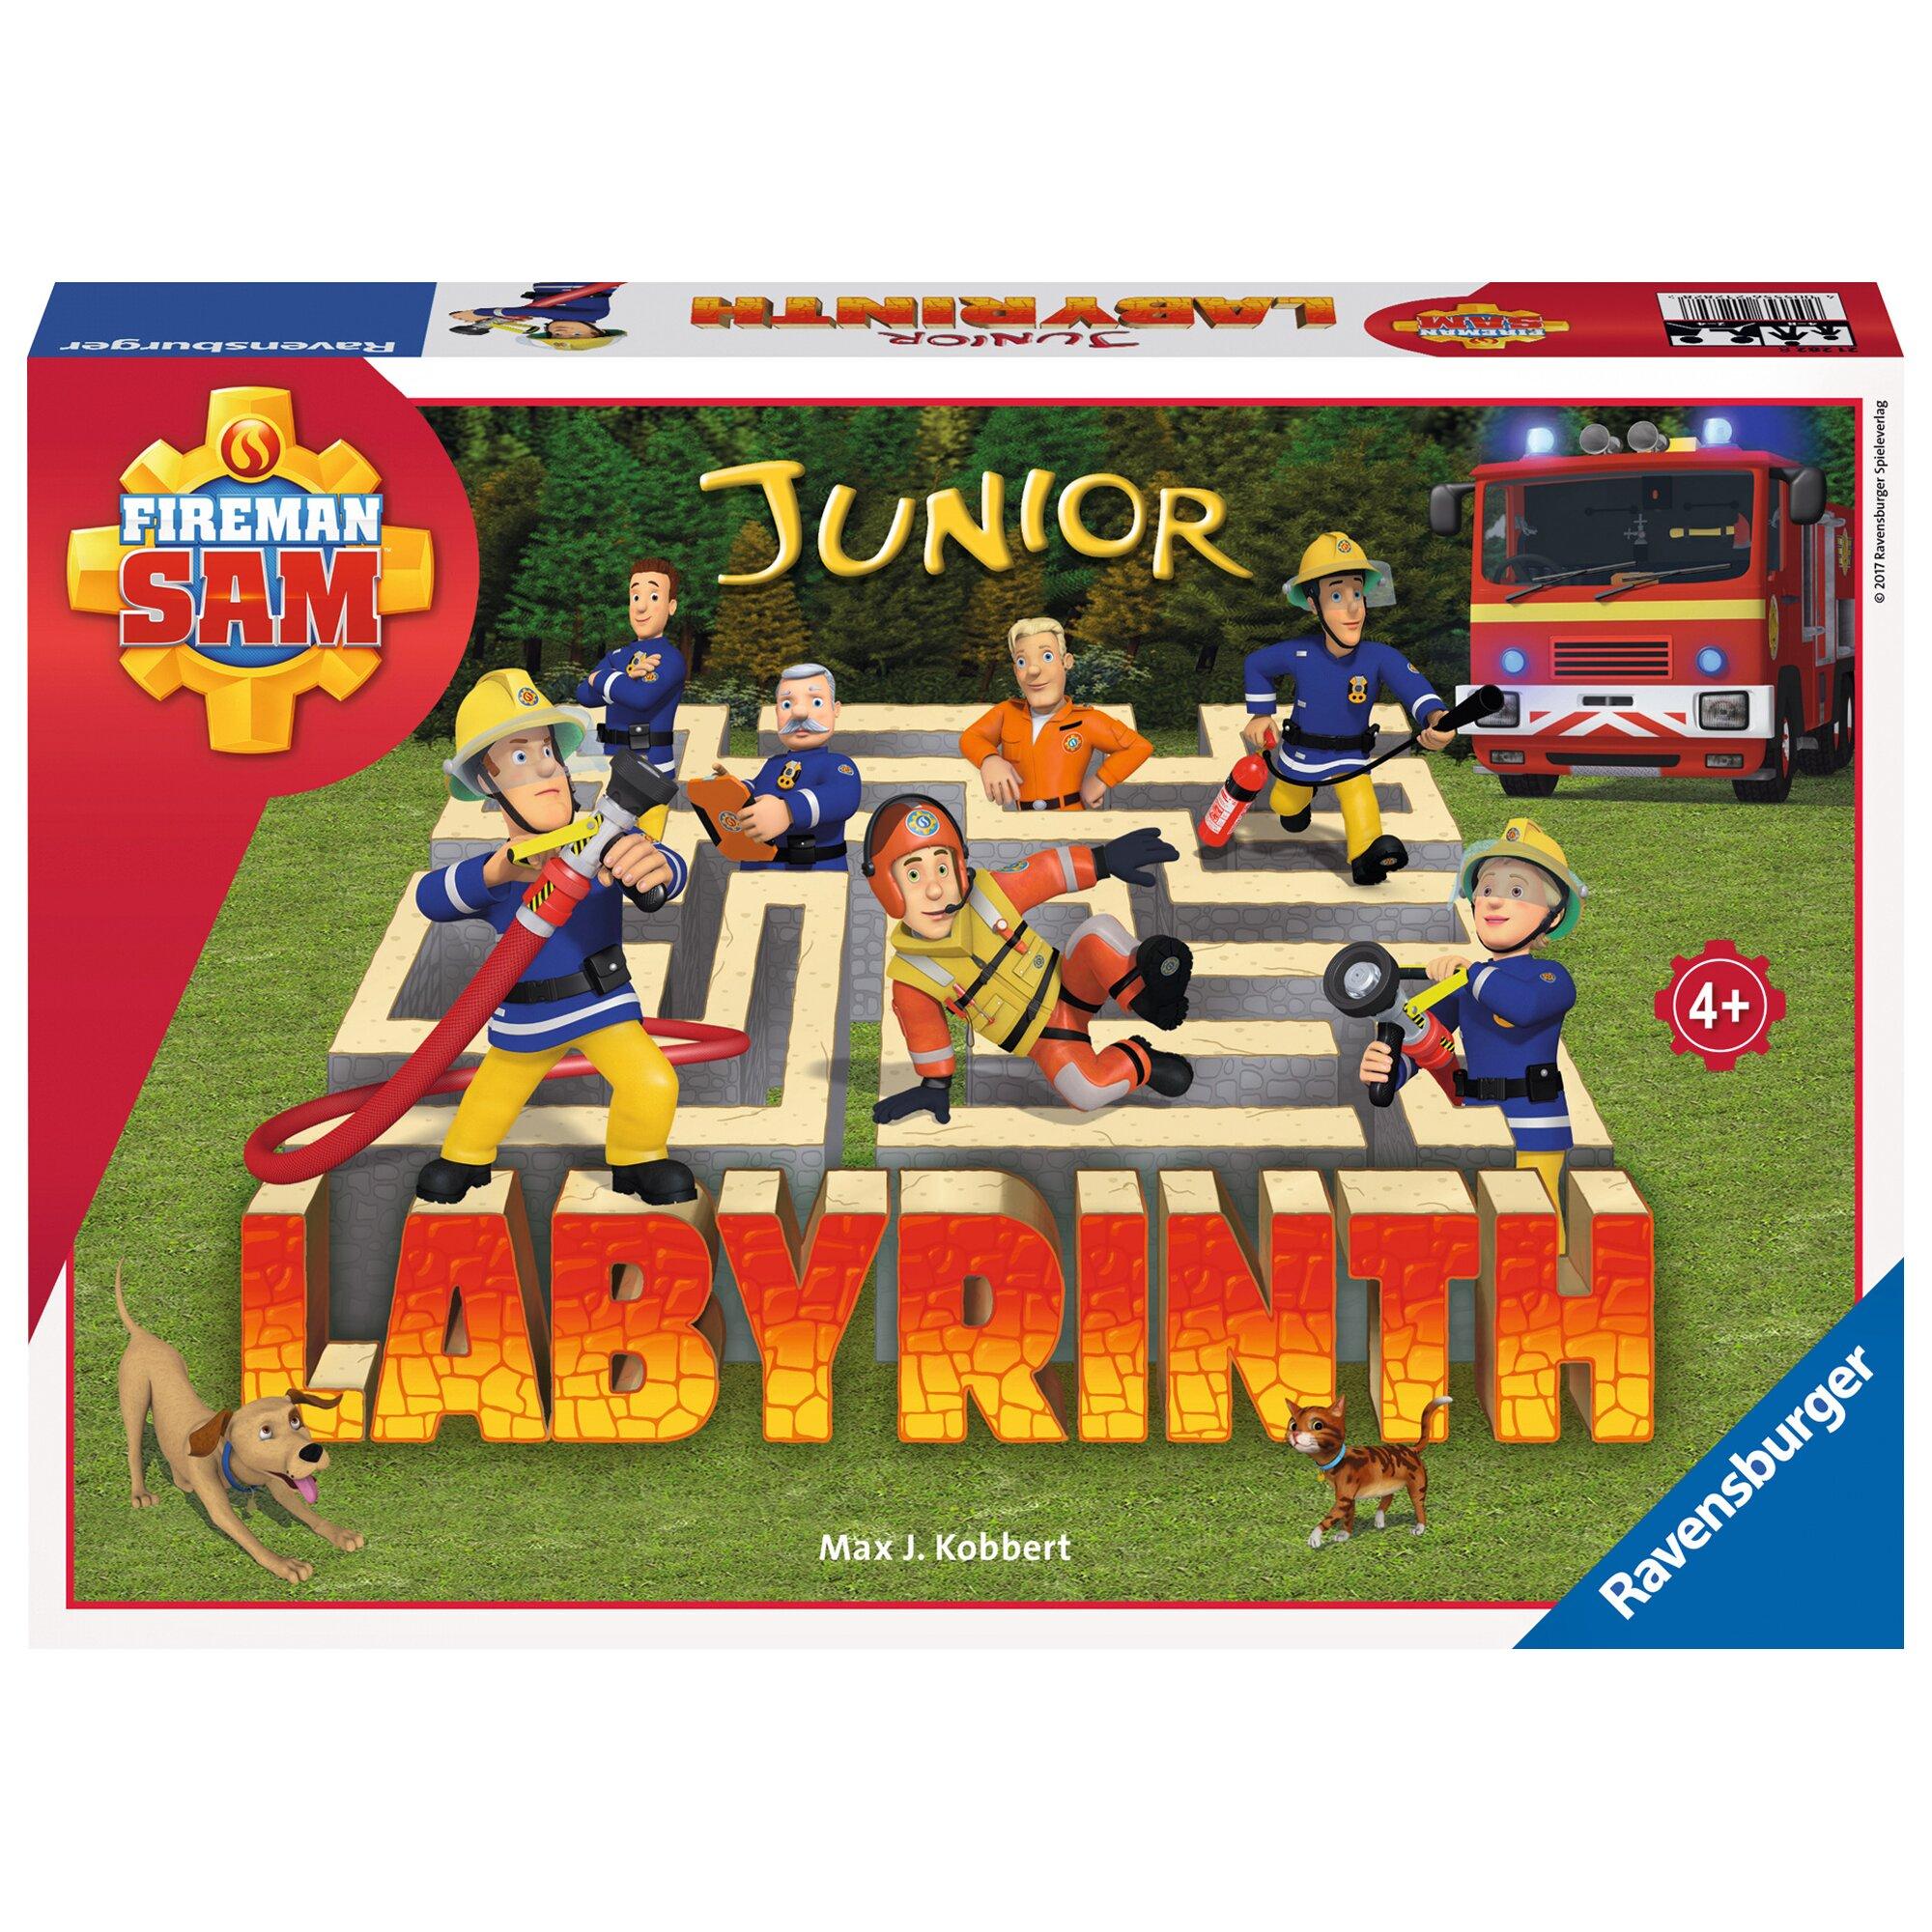 Ravensburger Fireman Sam Junior Labyrinth, Such-Schiebespiel